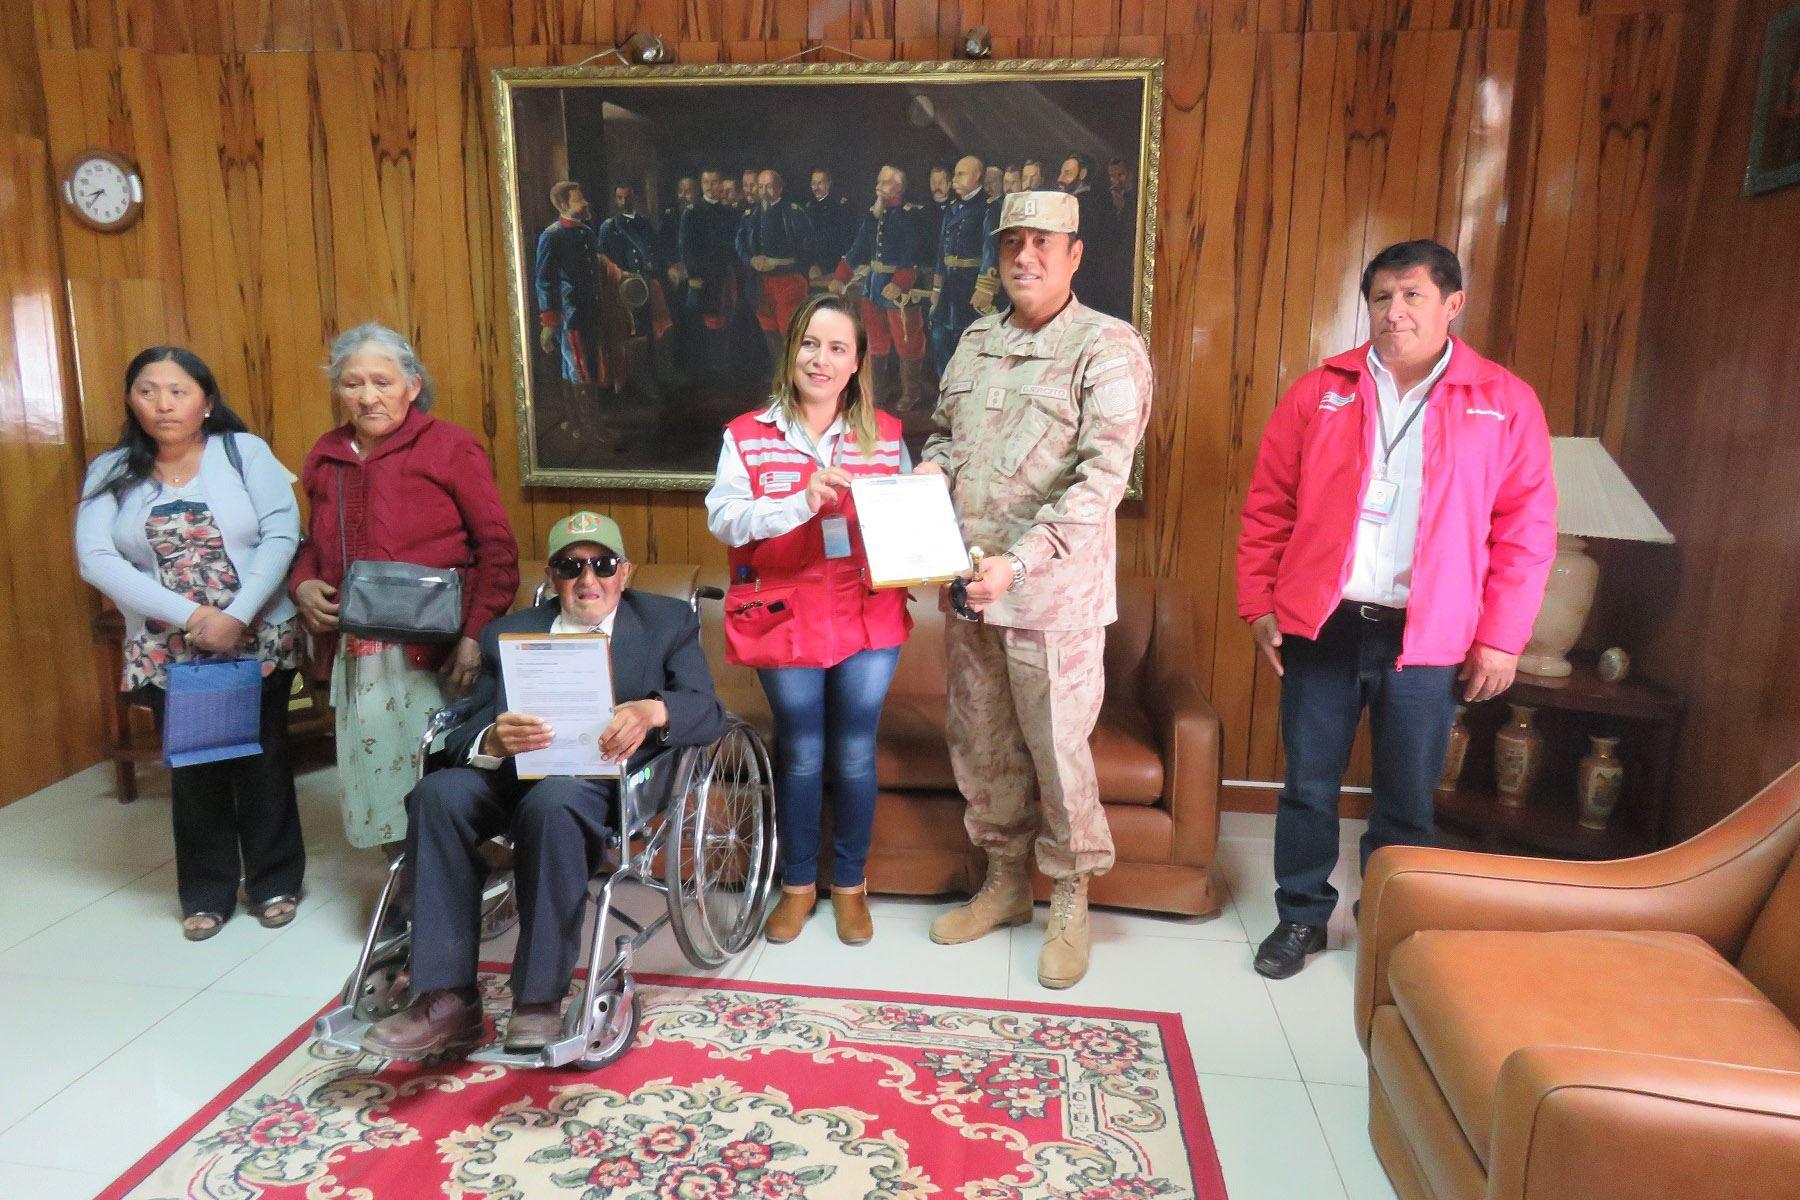 Rafael Sanjinéz Mamani de 107 años hizo en Moquegua,  mérito a su servicio militar voluntario y es homenajeado por ser ejemplo para los más jóvenes de su comunidad. Foto: Difusión Pensión 65